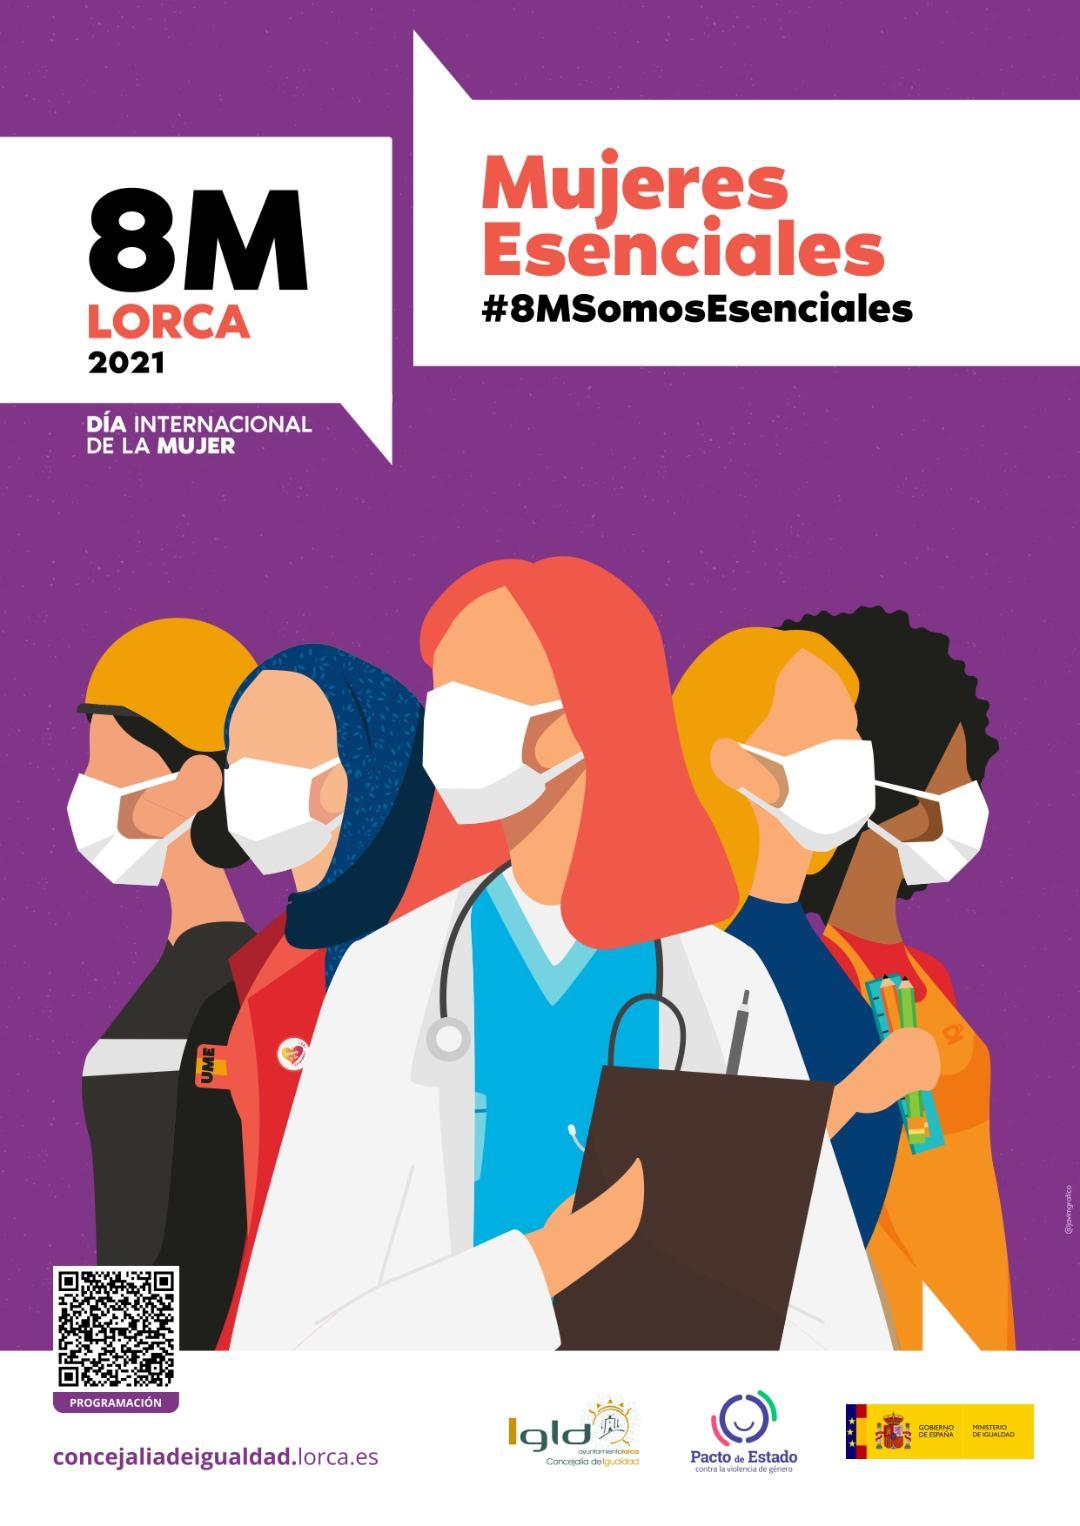 El Ayuntamiento de Lorca organiza a través de la Concejalía de Igualdad y en colaboración con diferentes colectivos una treintena de actividades por el Día Internacional de la Mujer